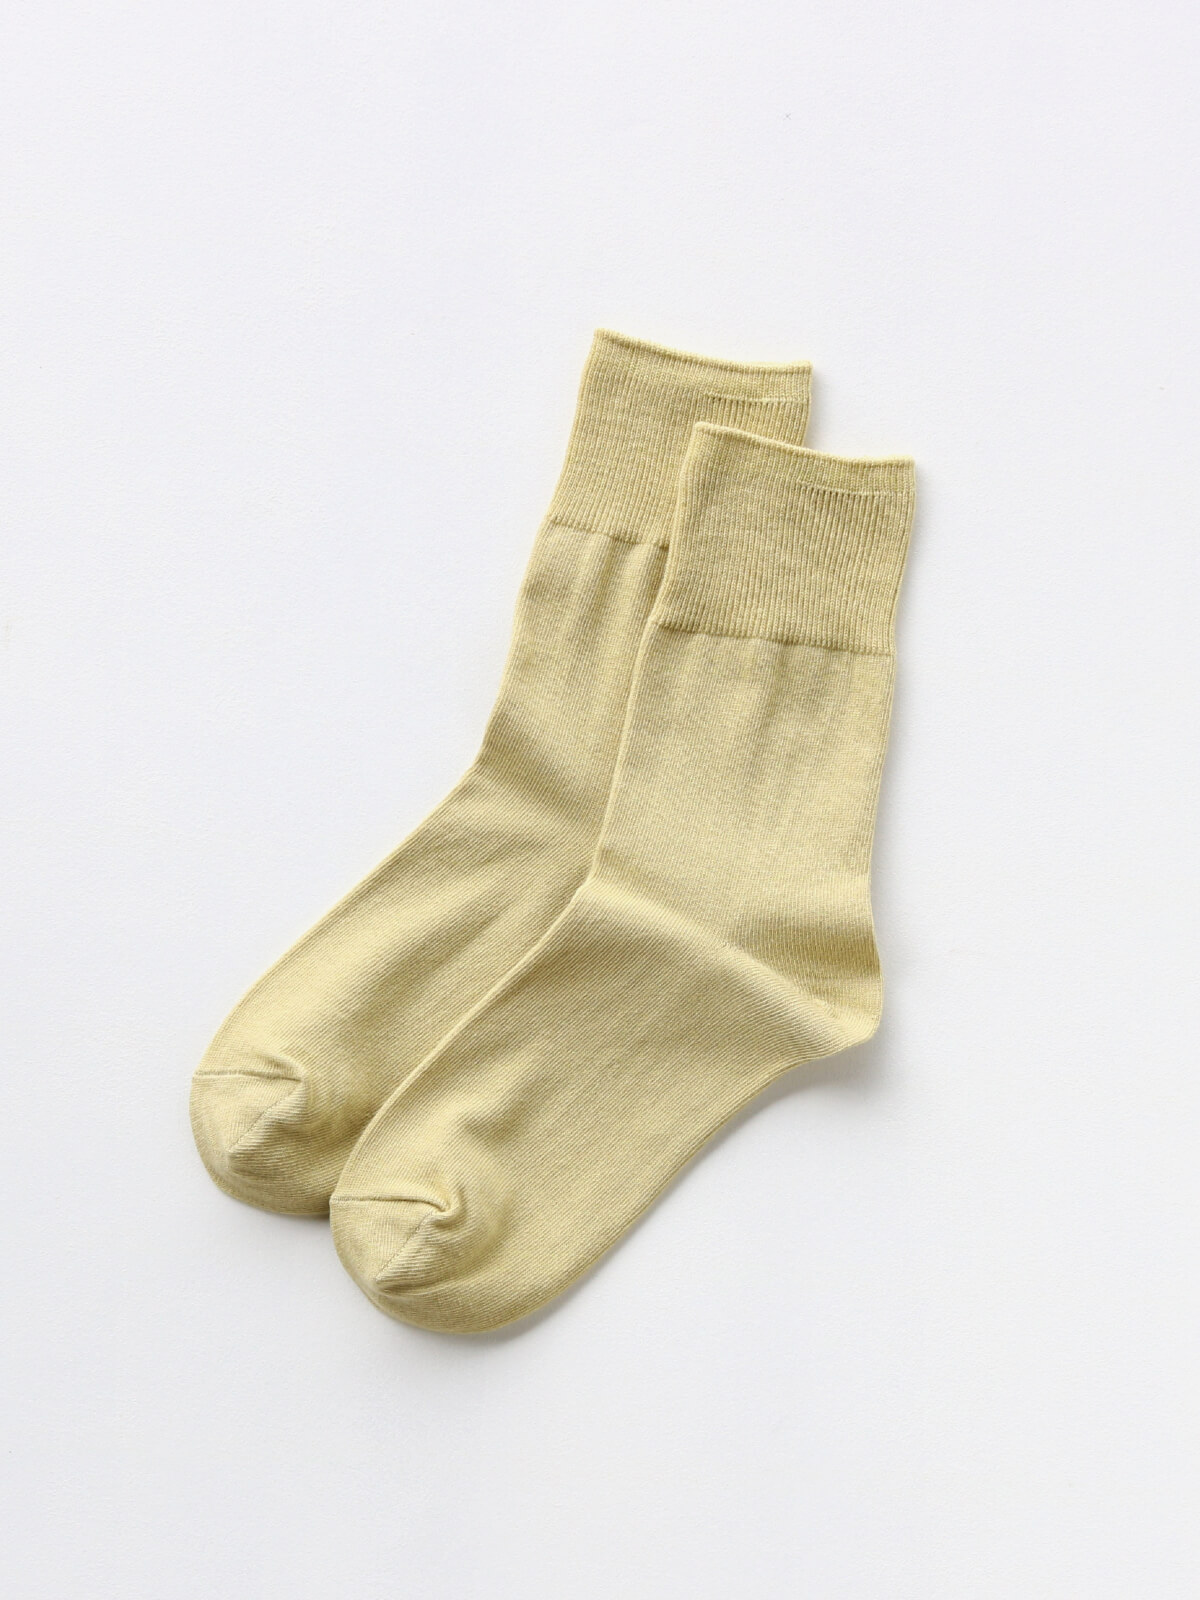 当たりつきギフト専用靴下のLUCKY SOCKS(ラッキーソックス)のLight Ankle Socks(ライトアンクルソックス)のペールイエロー_2